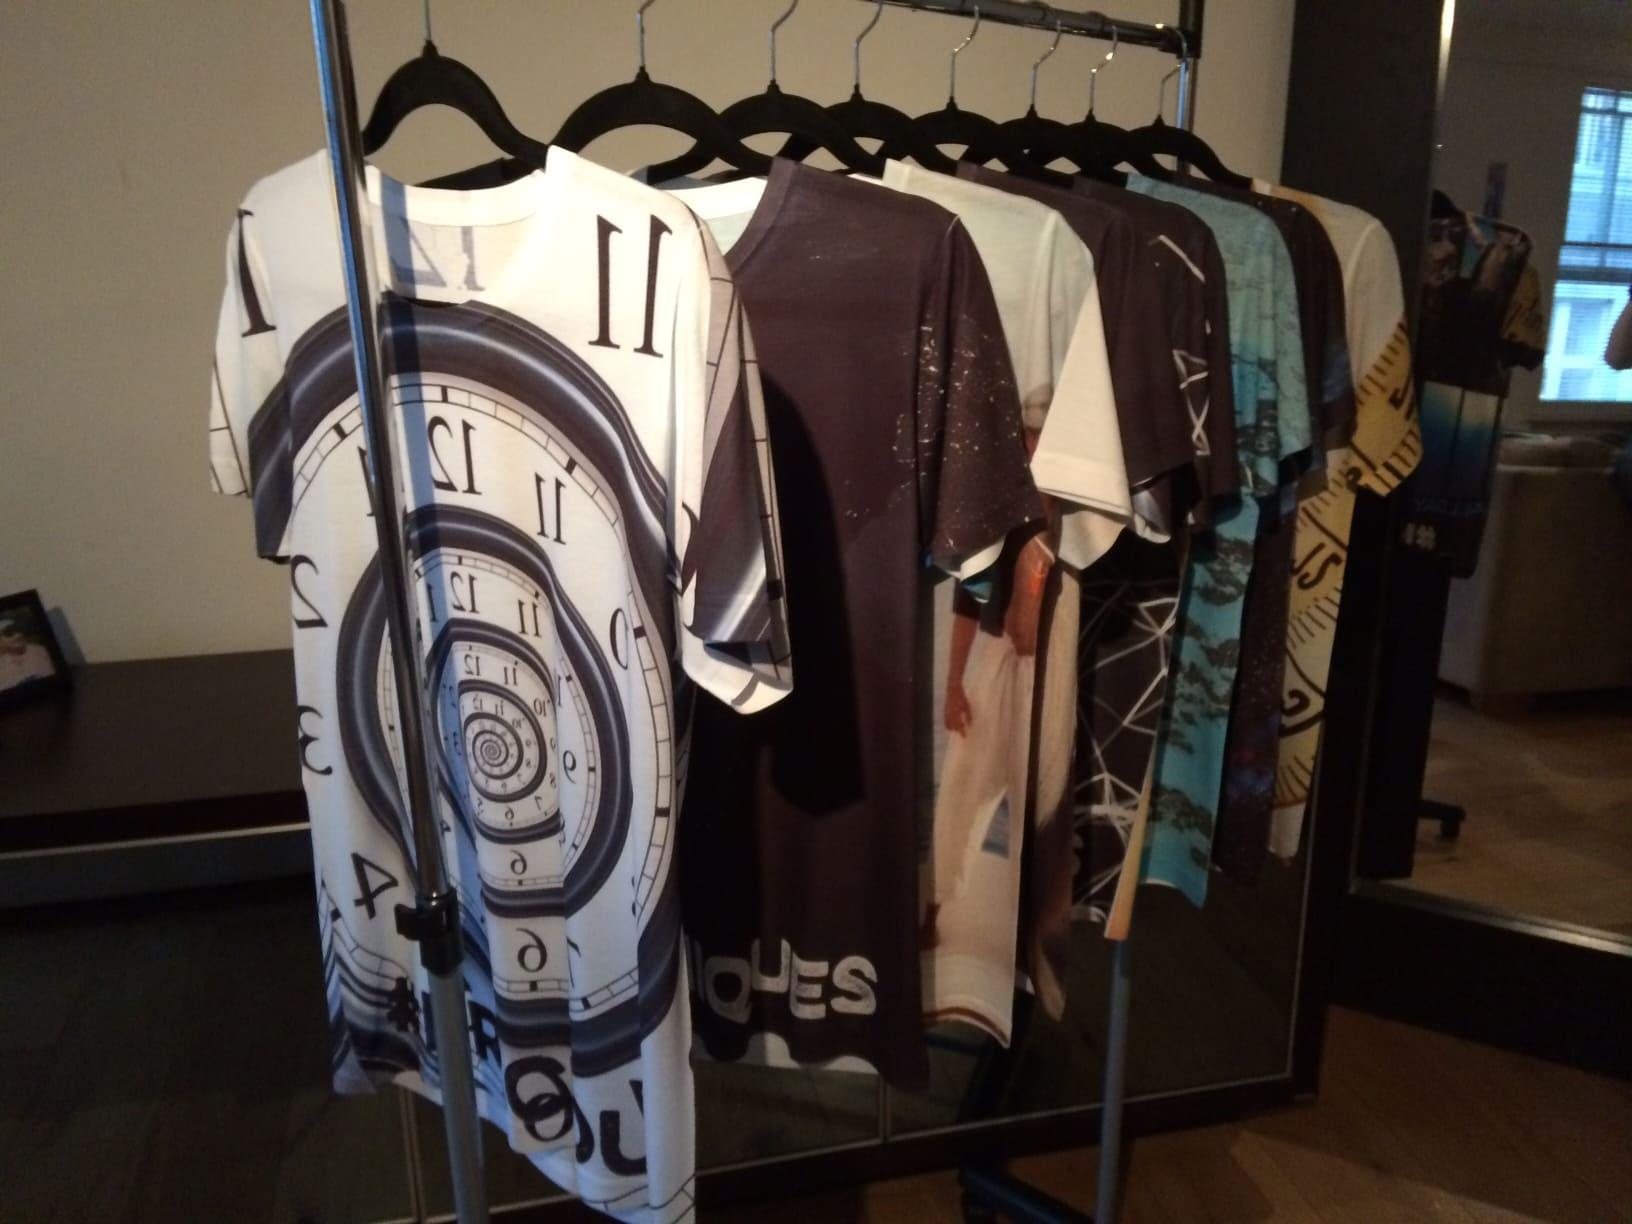 clothie-pitch-rail-of-clothes